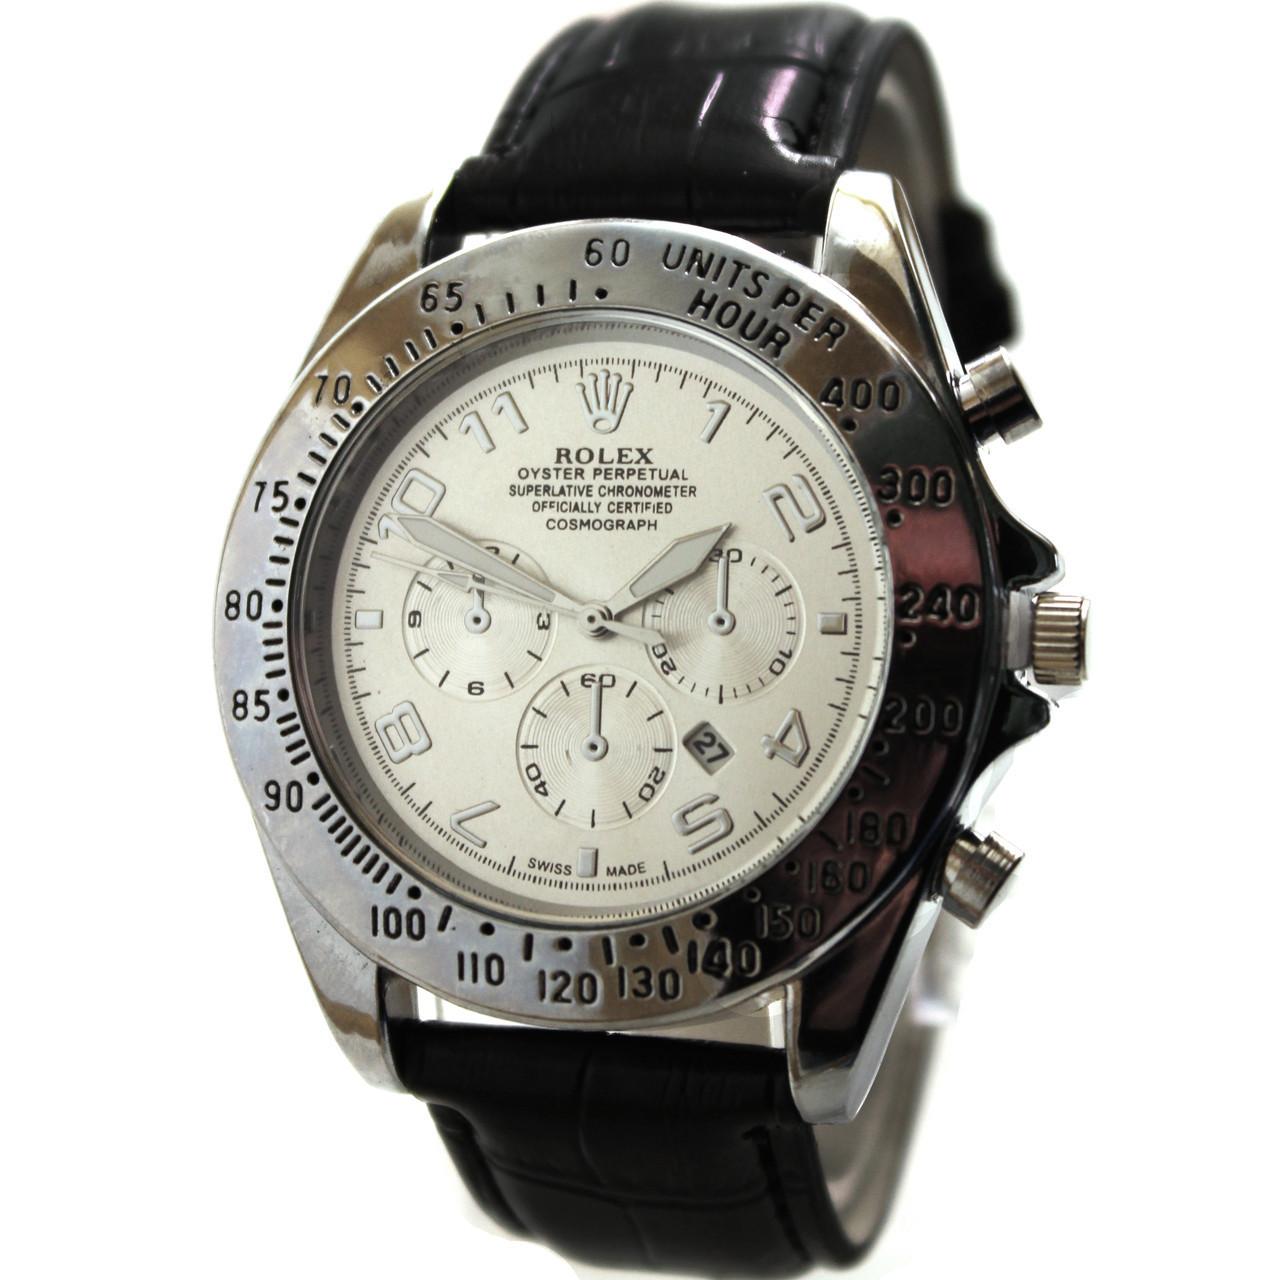 621646f8920b Мужские наручные часы Rolex - OptMan - самые низкие цены в Украине в  Харькове